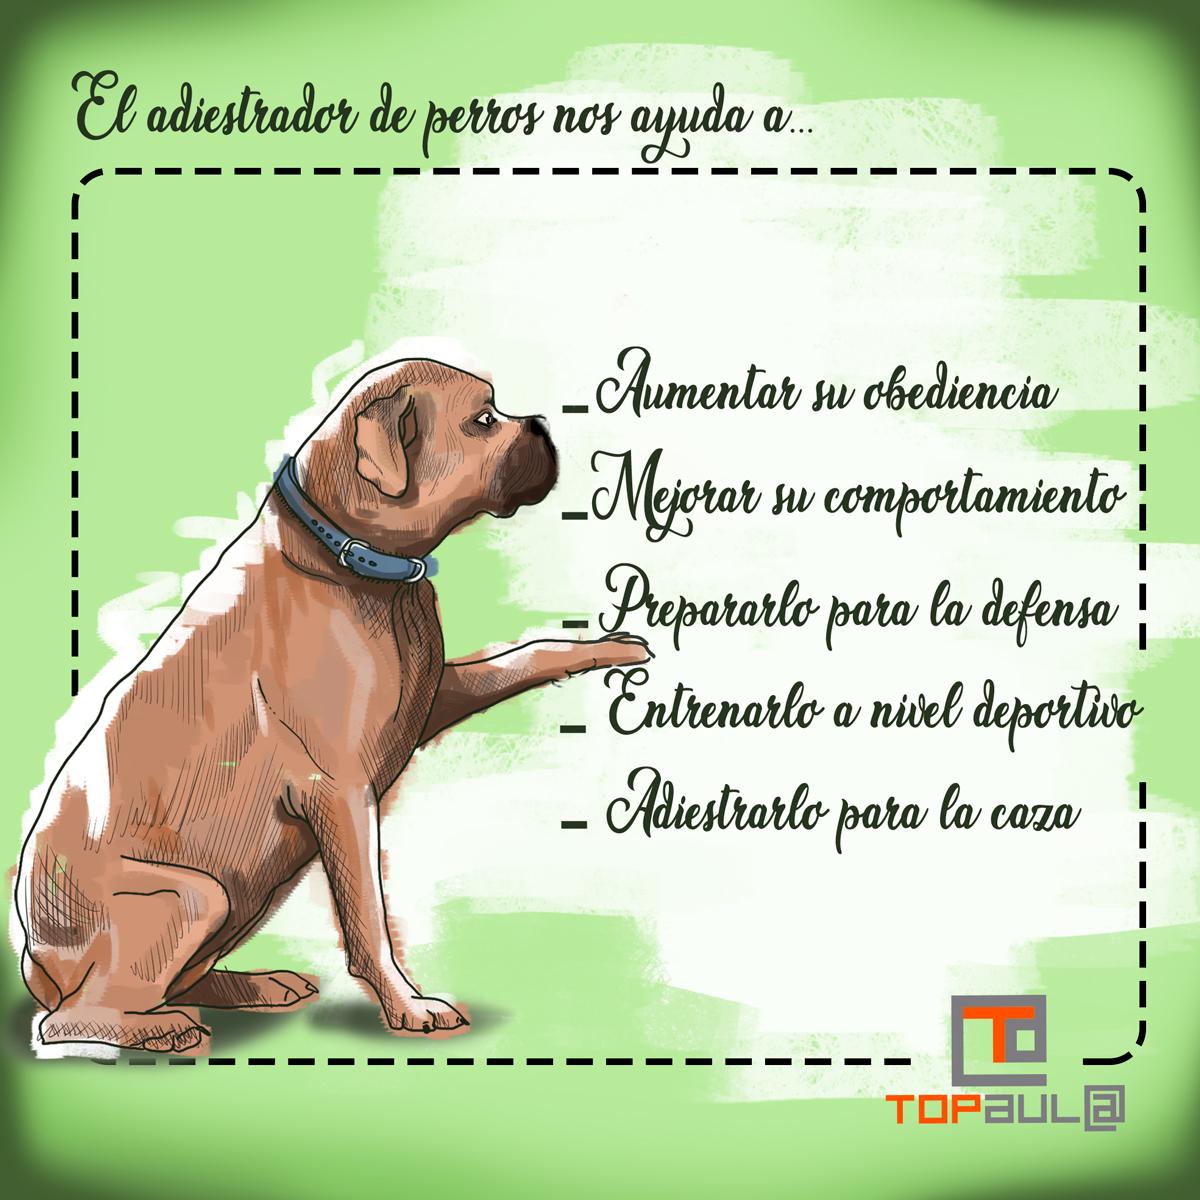 Infografía ¿Debería contratar los servicios de un adiestrador para mi perro? - www.topaulasalud.com